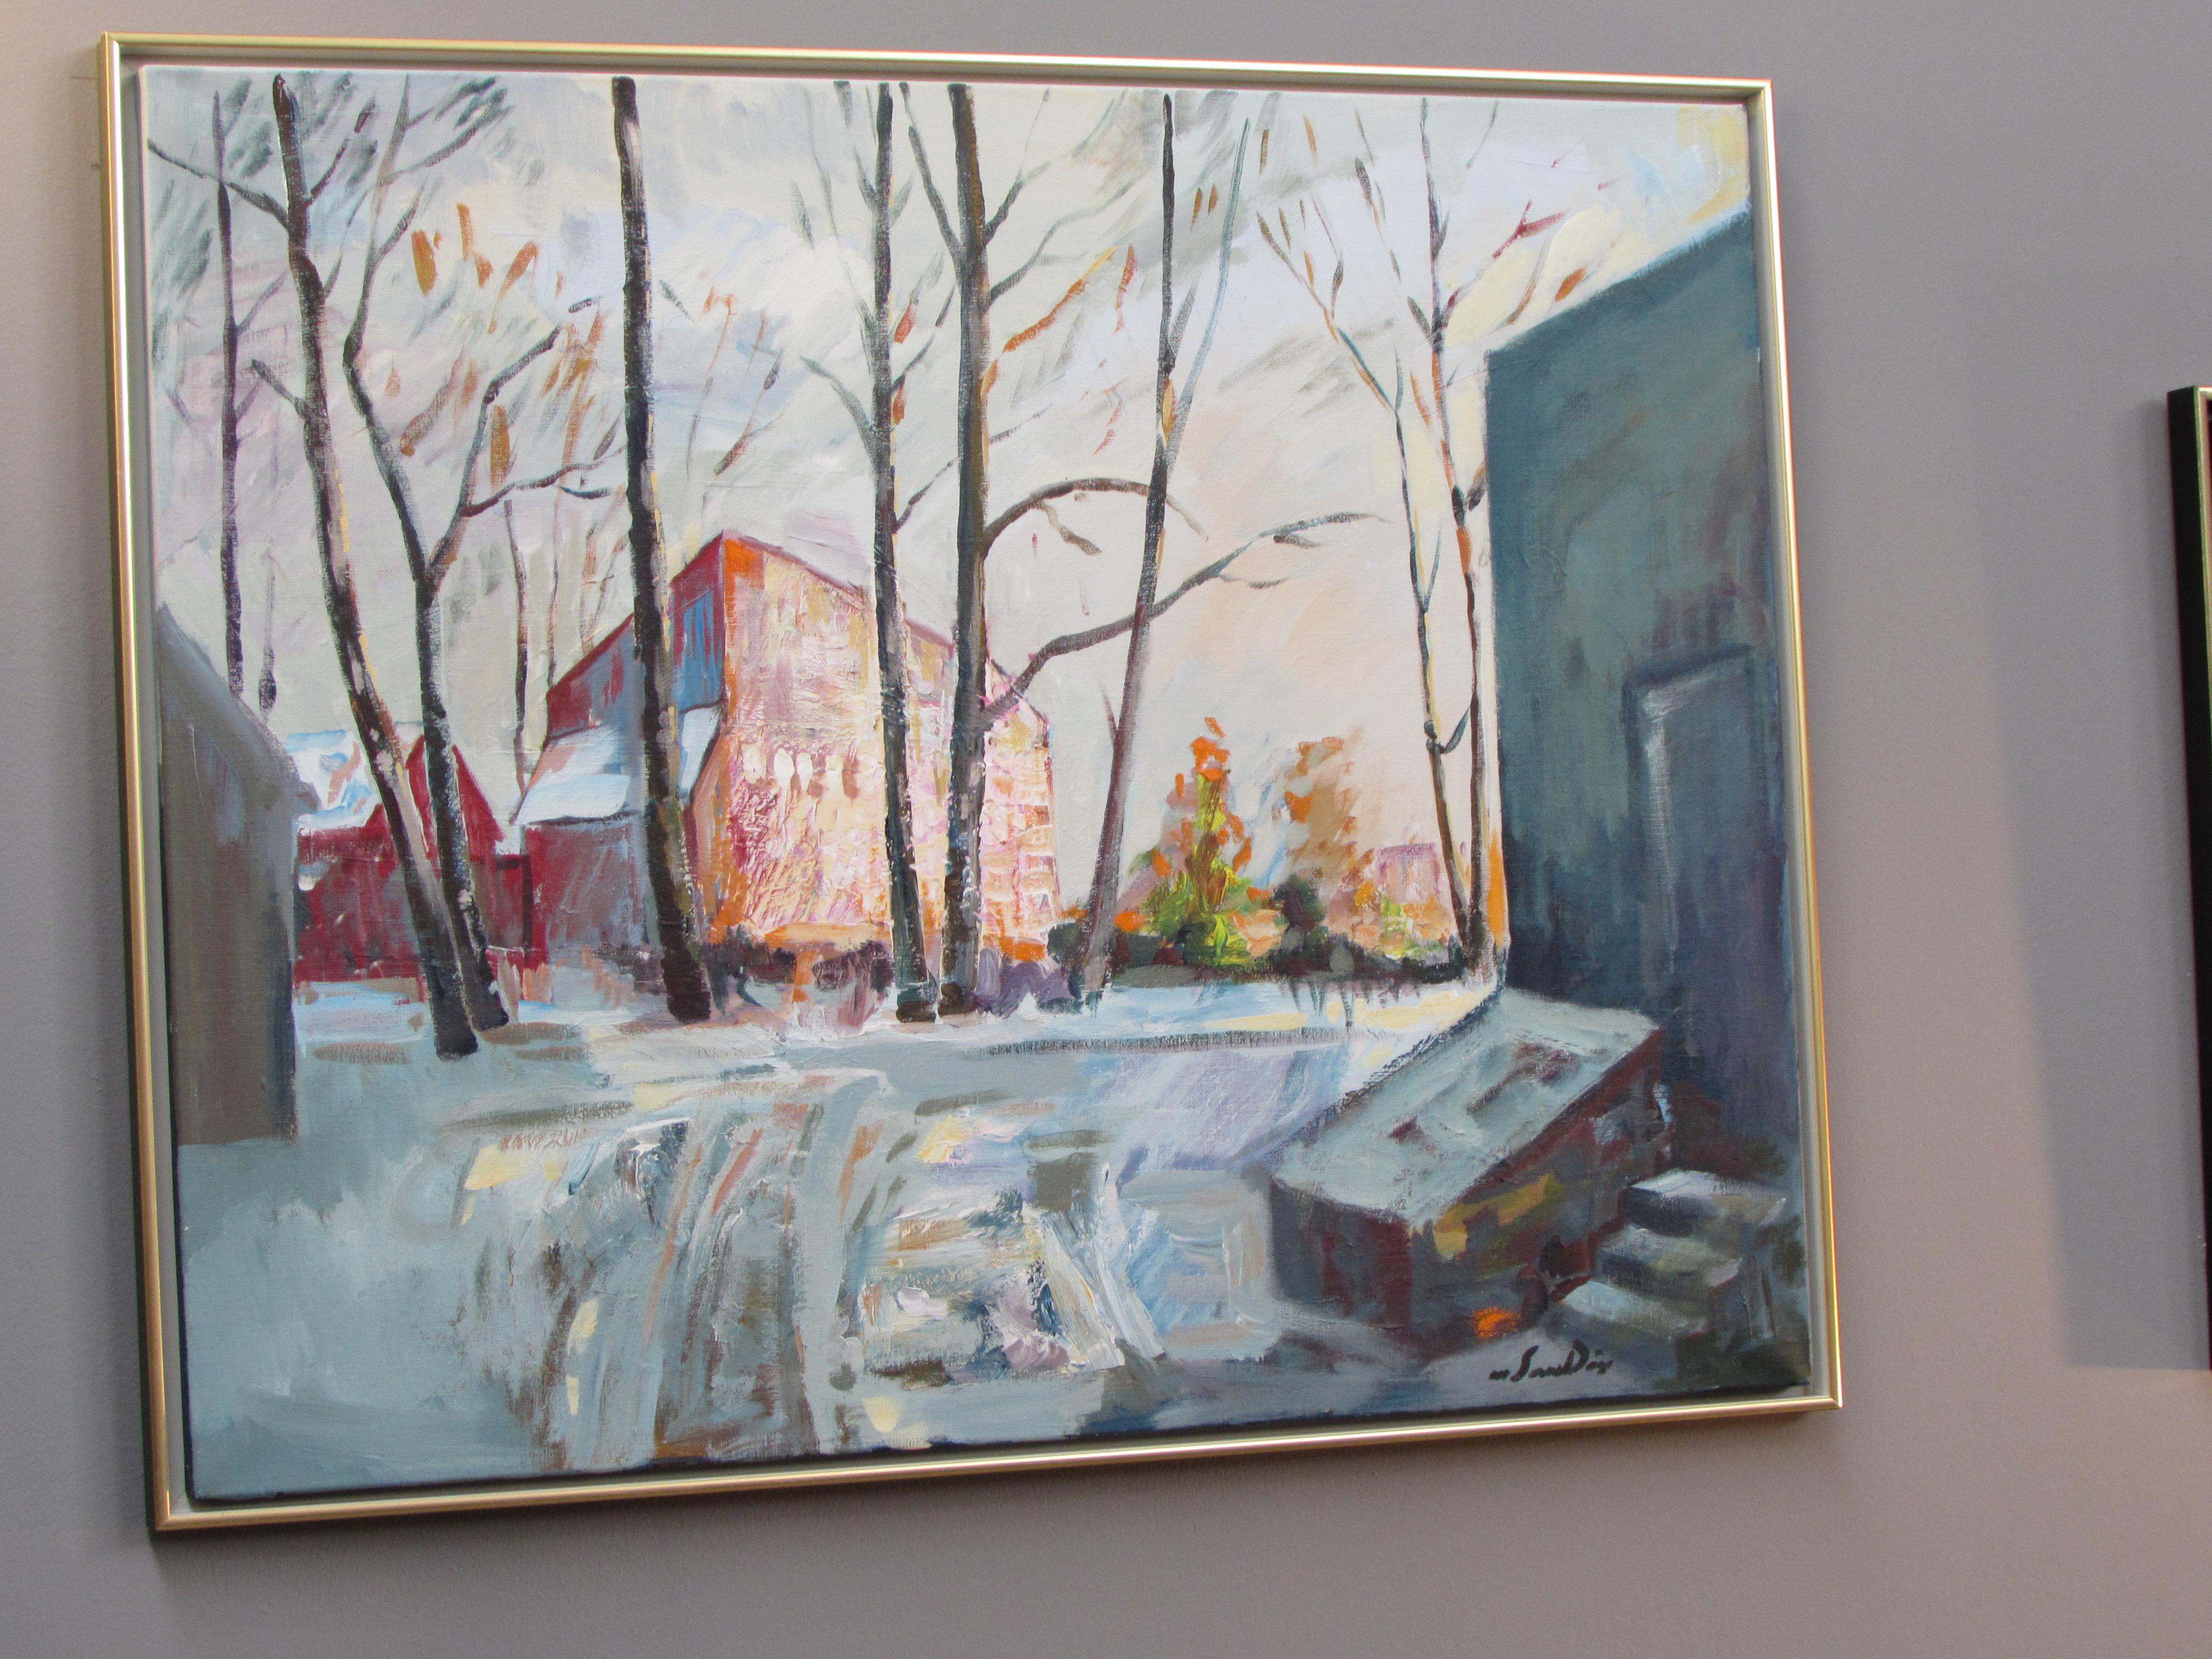 Maleri av Magne Sandøy. Copyright: Laila Støen